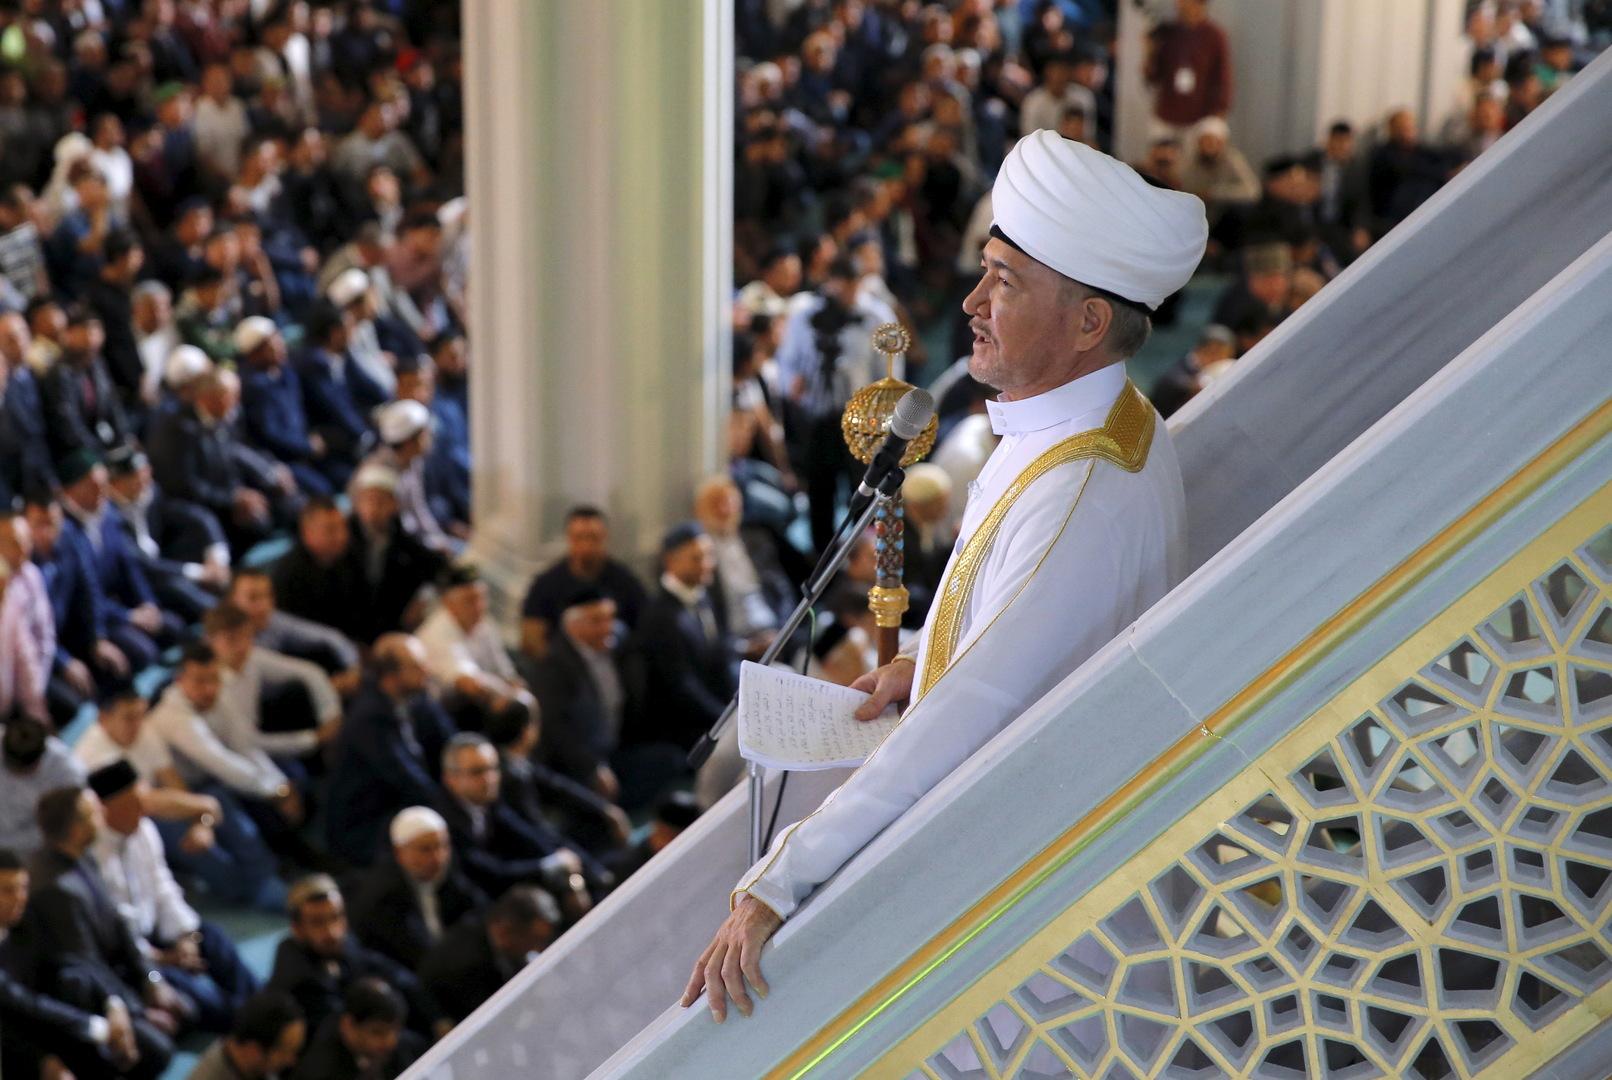 مفتي روسيا: لا يمكن أن تهتز عظمة الإسلام وقداسته بالصور والشتائم والأفلام